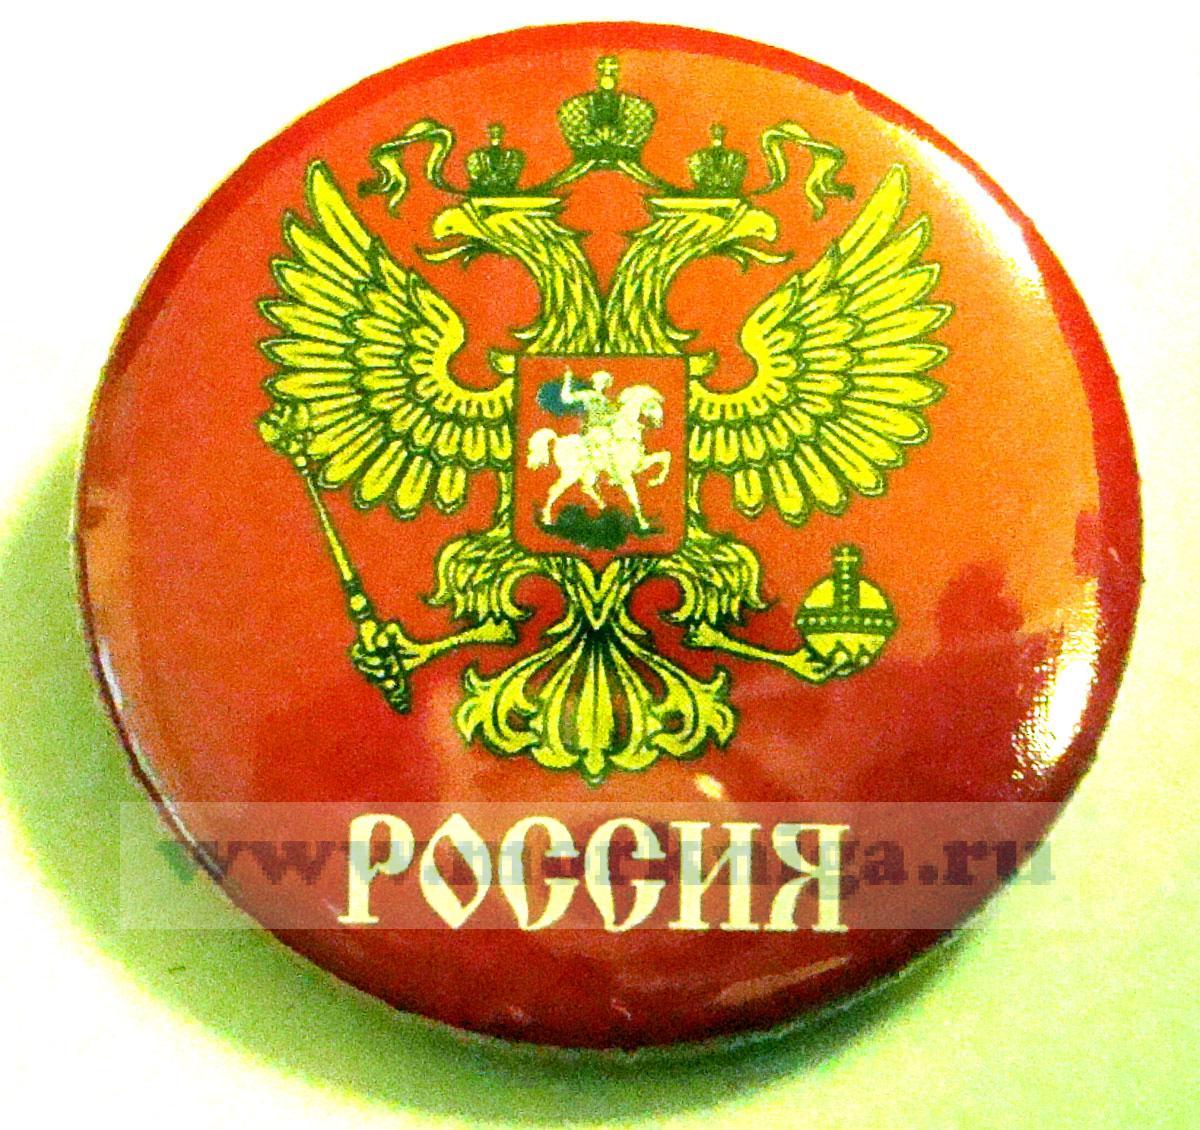 """Прикольный значок """"Россия"""" (орел, красный фон)"""